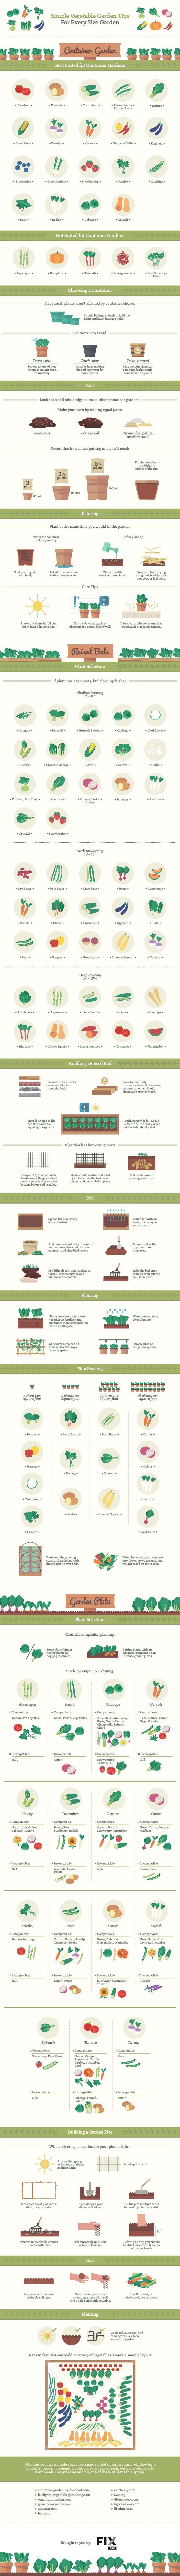 best 25 vegetable garden tips ideas on pinterest starting a